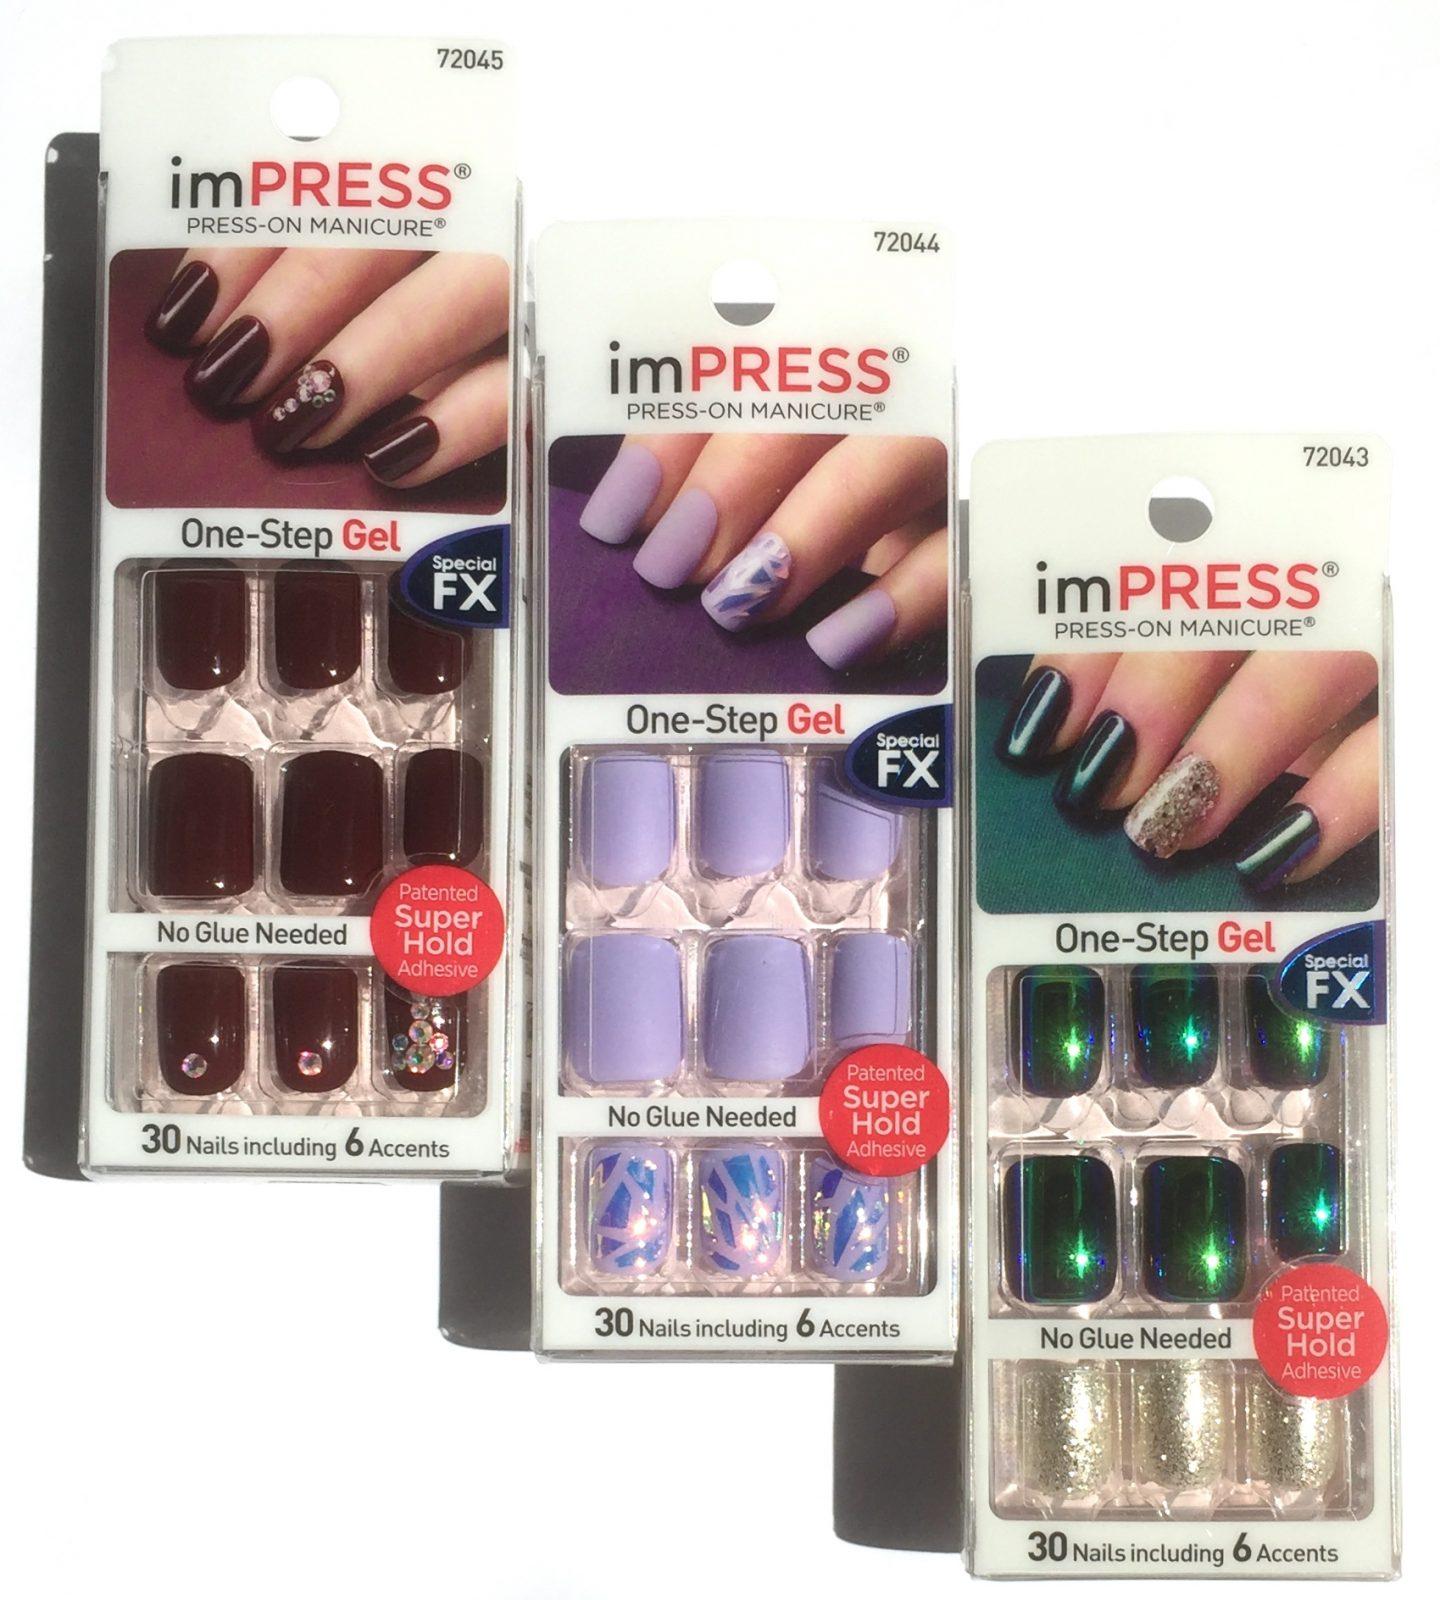 imPRESS Special FX Nails